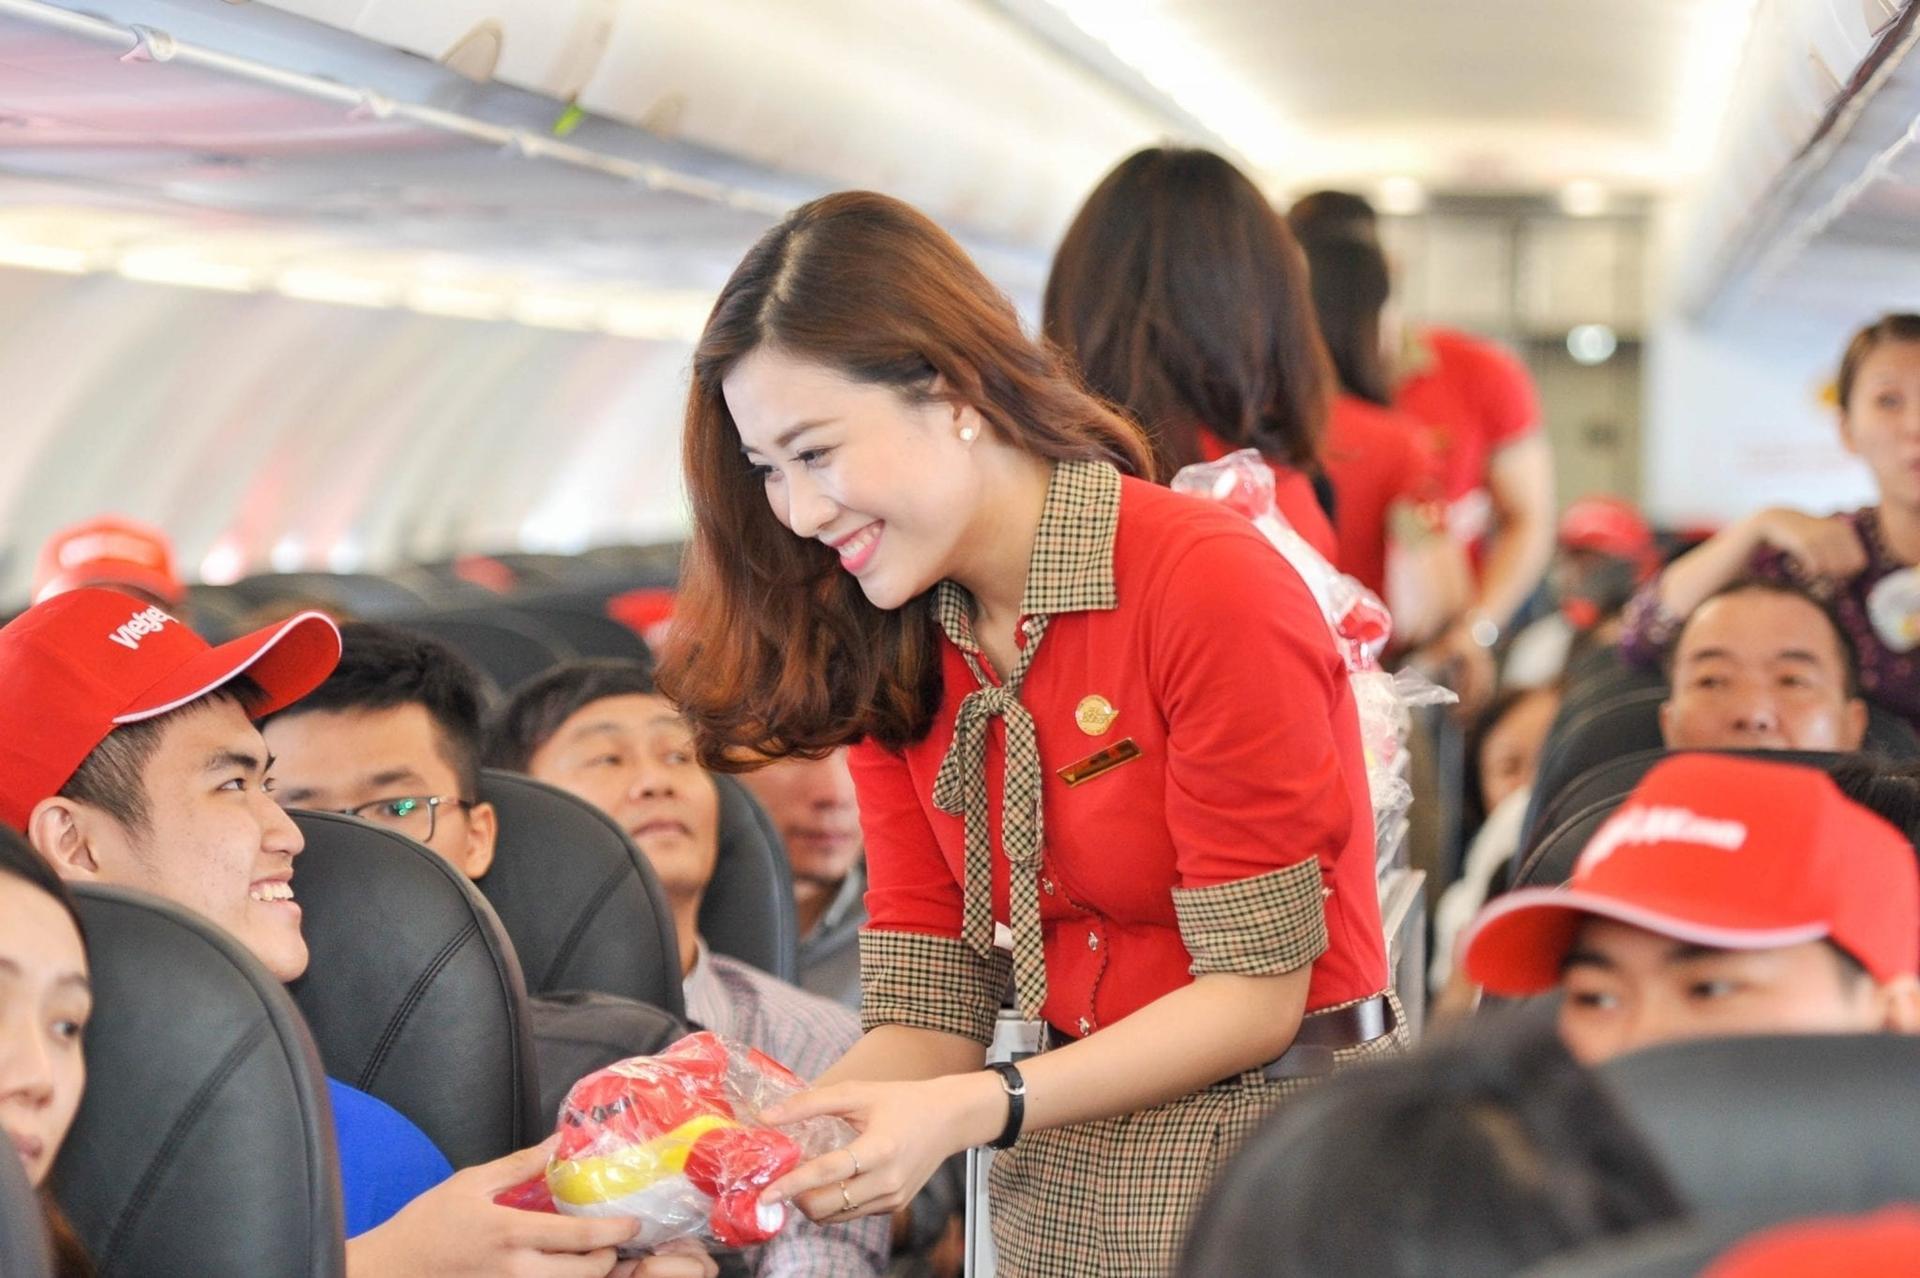 Vietjet Thái Lan tiếp tục tung ra 500,000 vé siêu khuyến mãi từ 50 Baht nhằm thúc đẩy du lịch